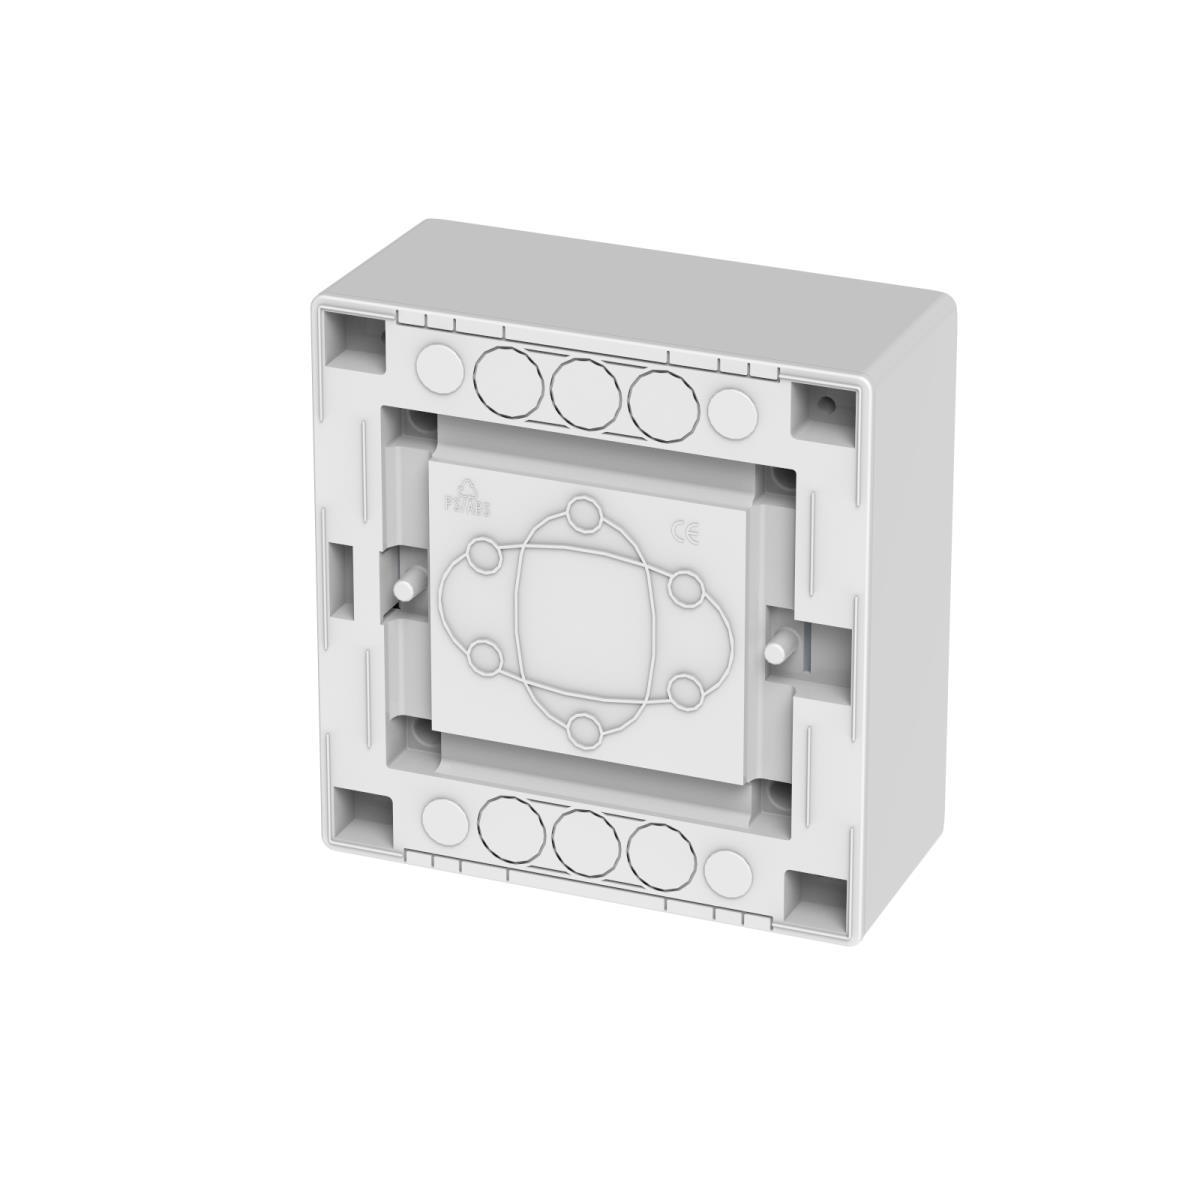 Sicherungskasten Verteilerkasten Aufputzverteiler 6 Module Aufputz IP40,Elektro-Plast,2501-01, 5902012986516